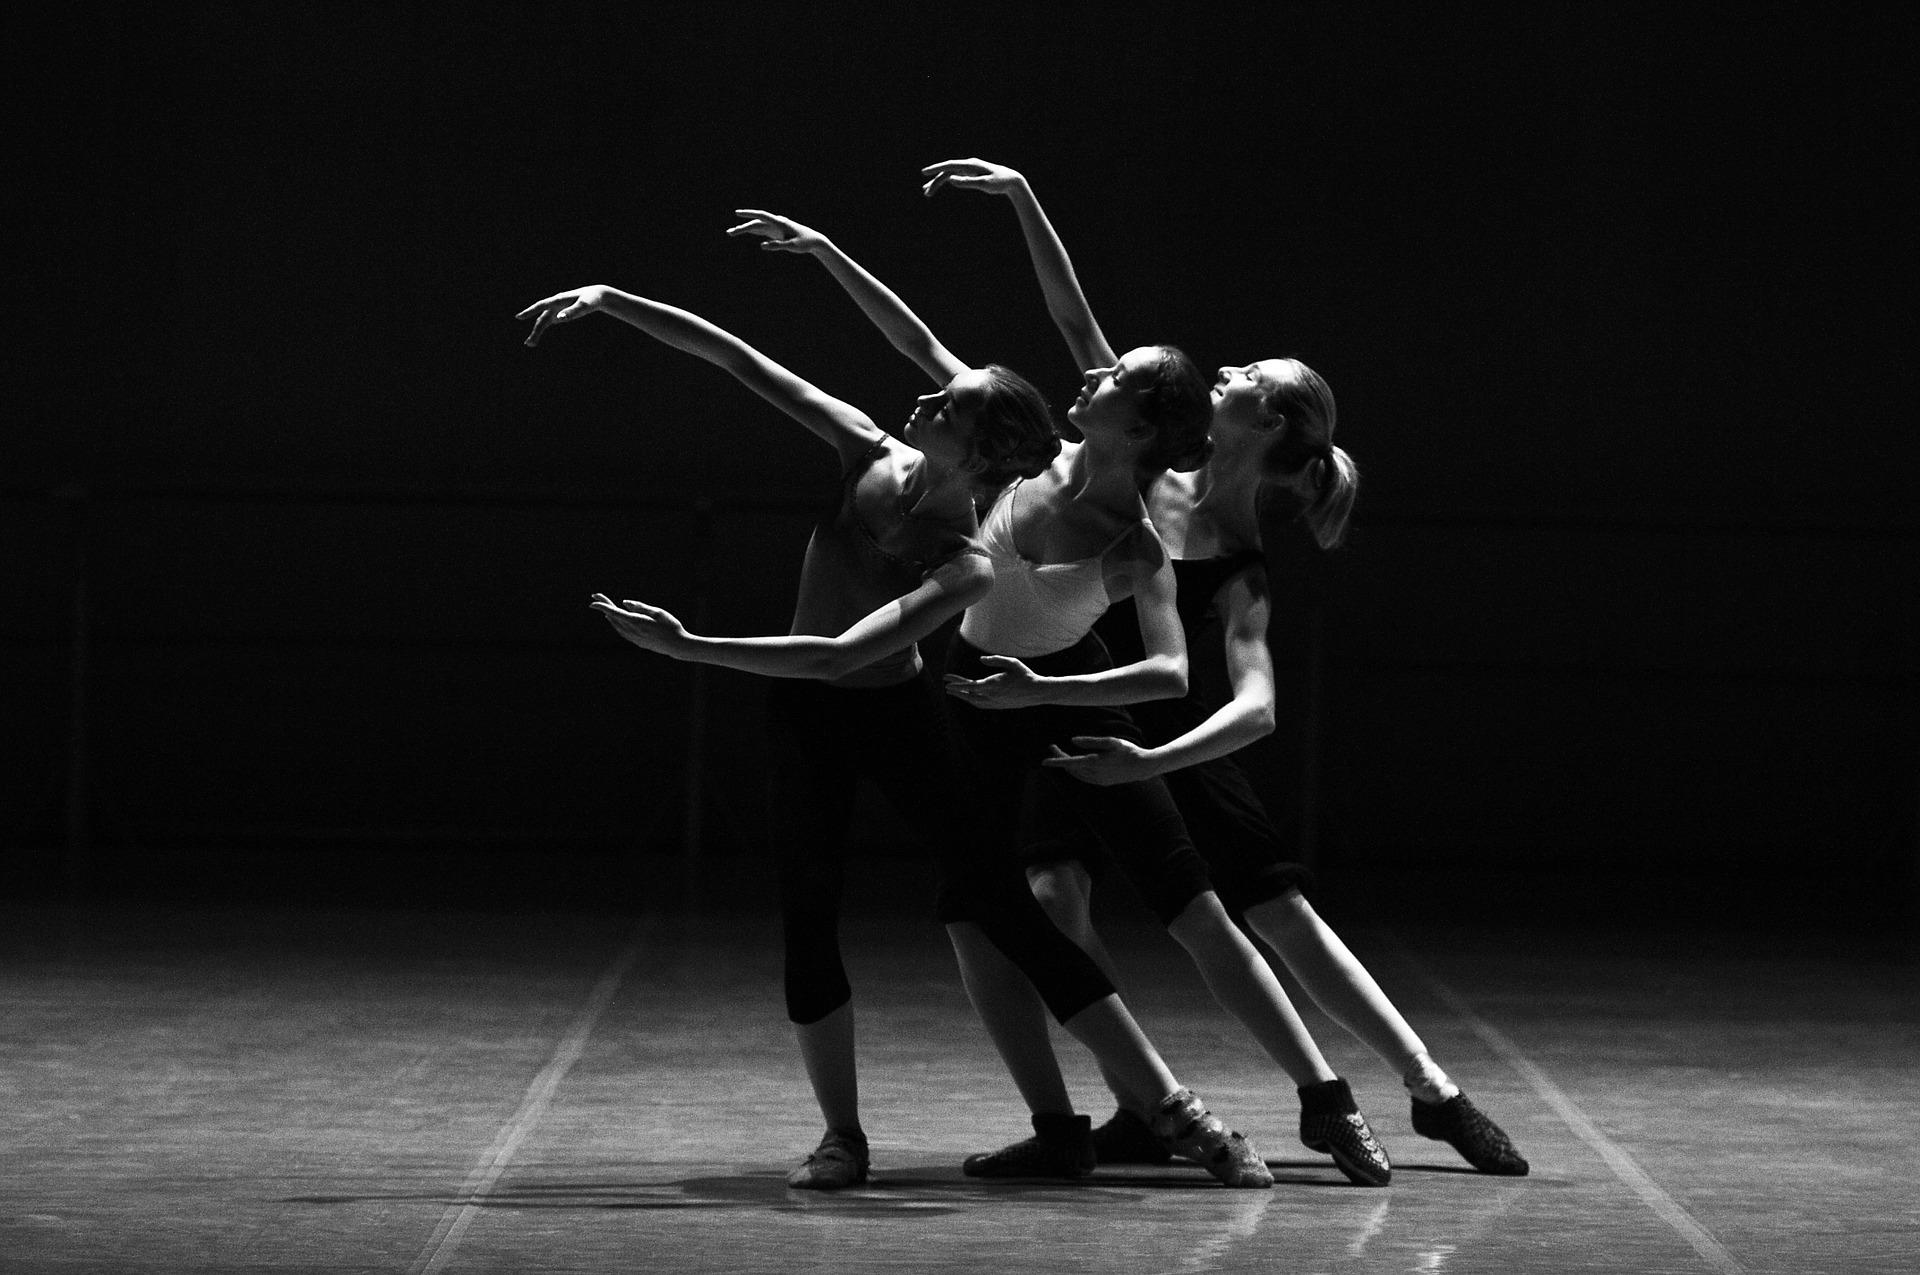 ballet-1376250_1920.jpg